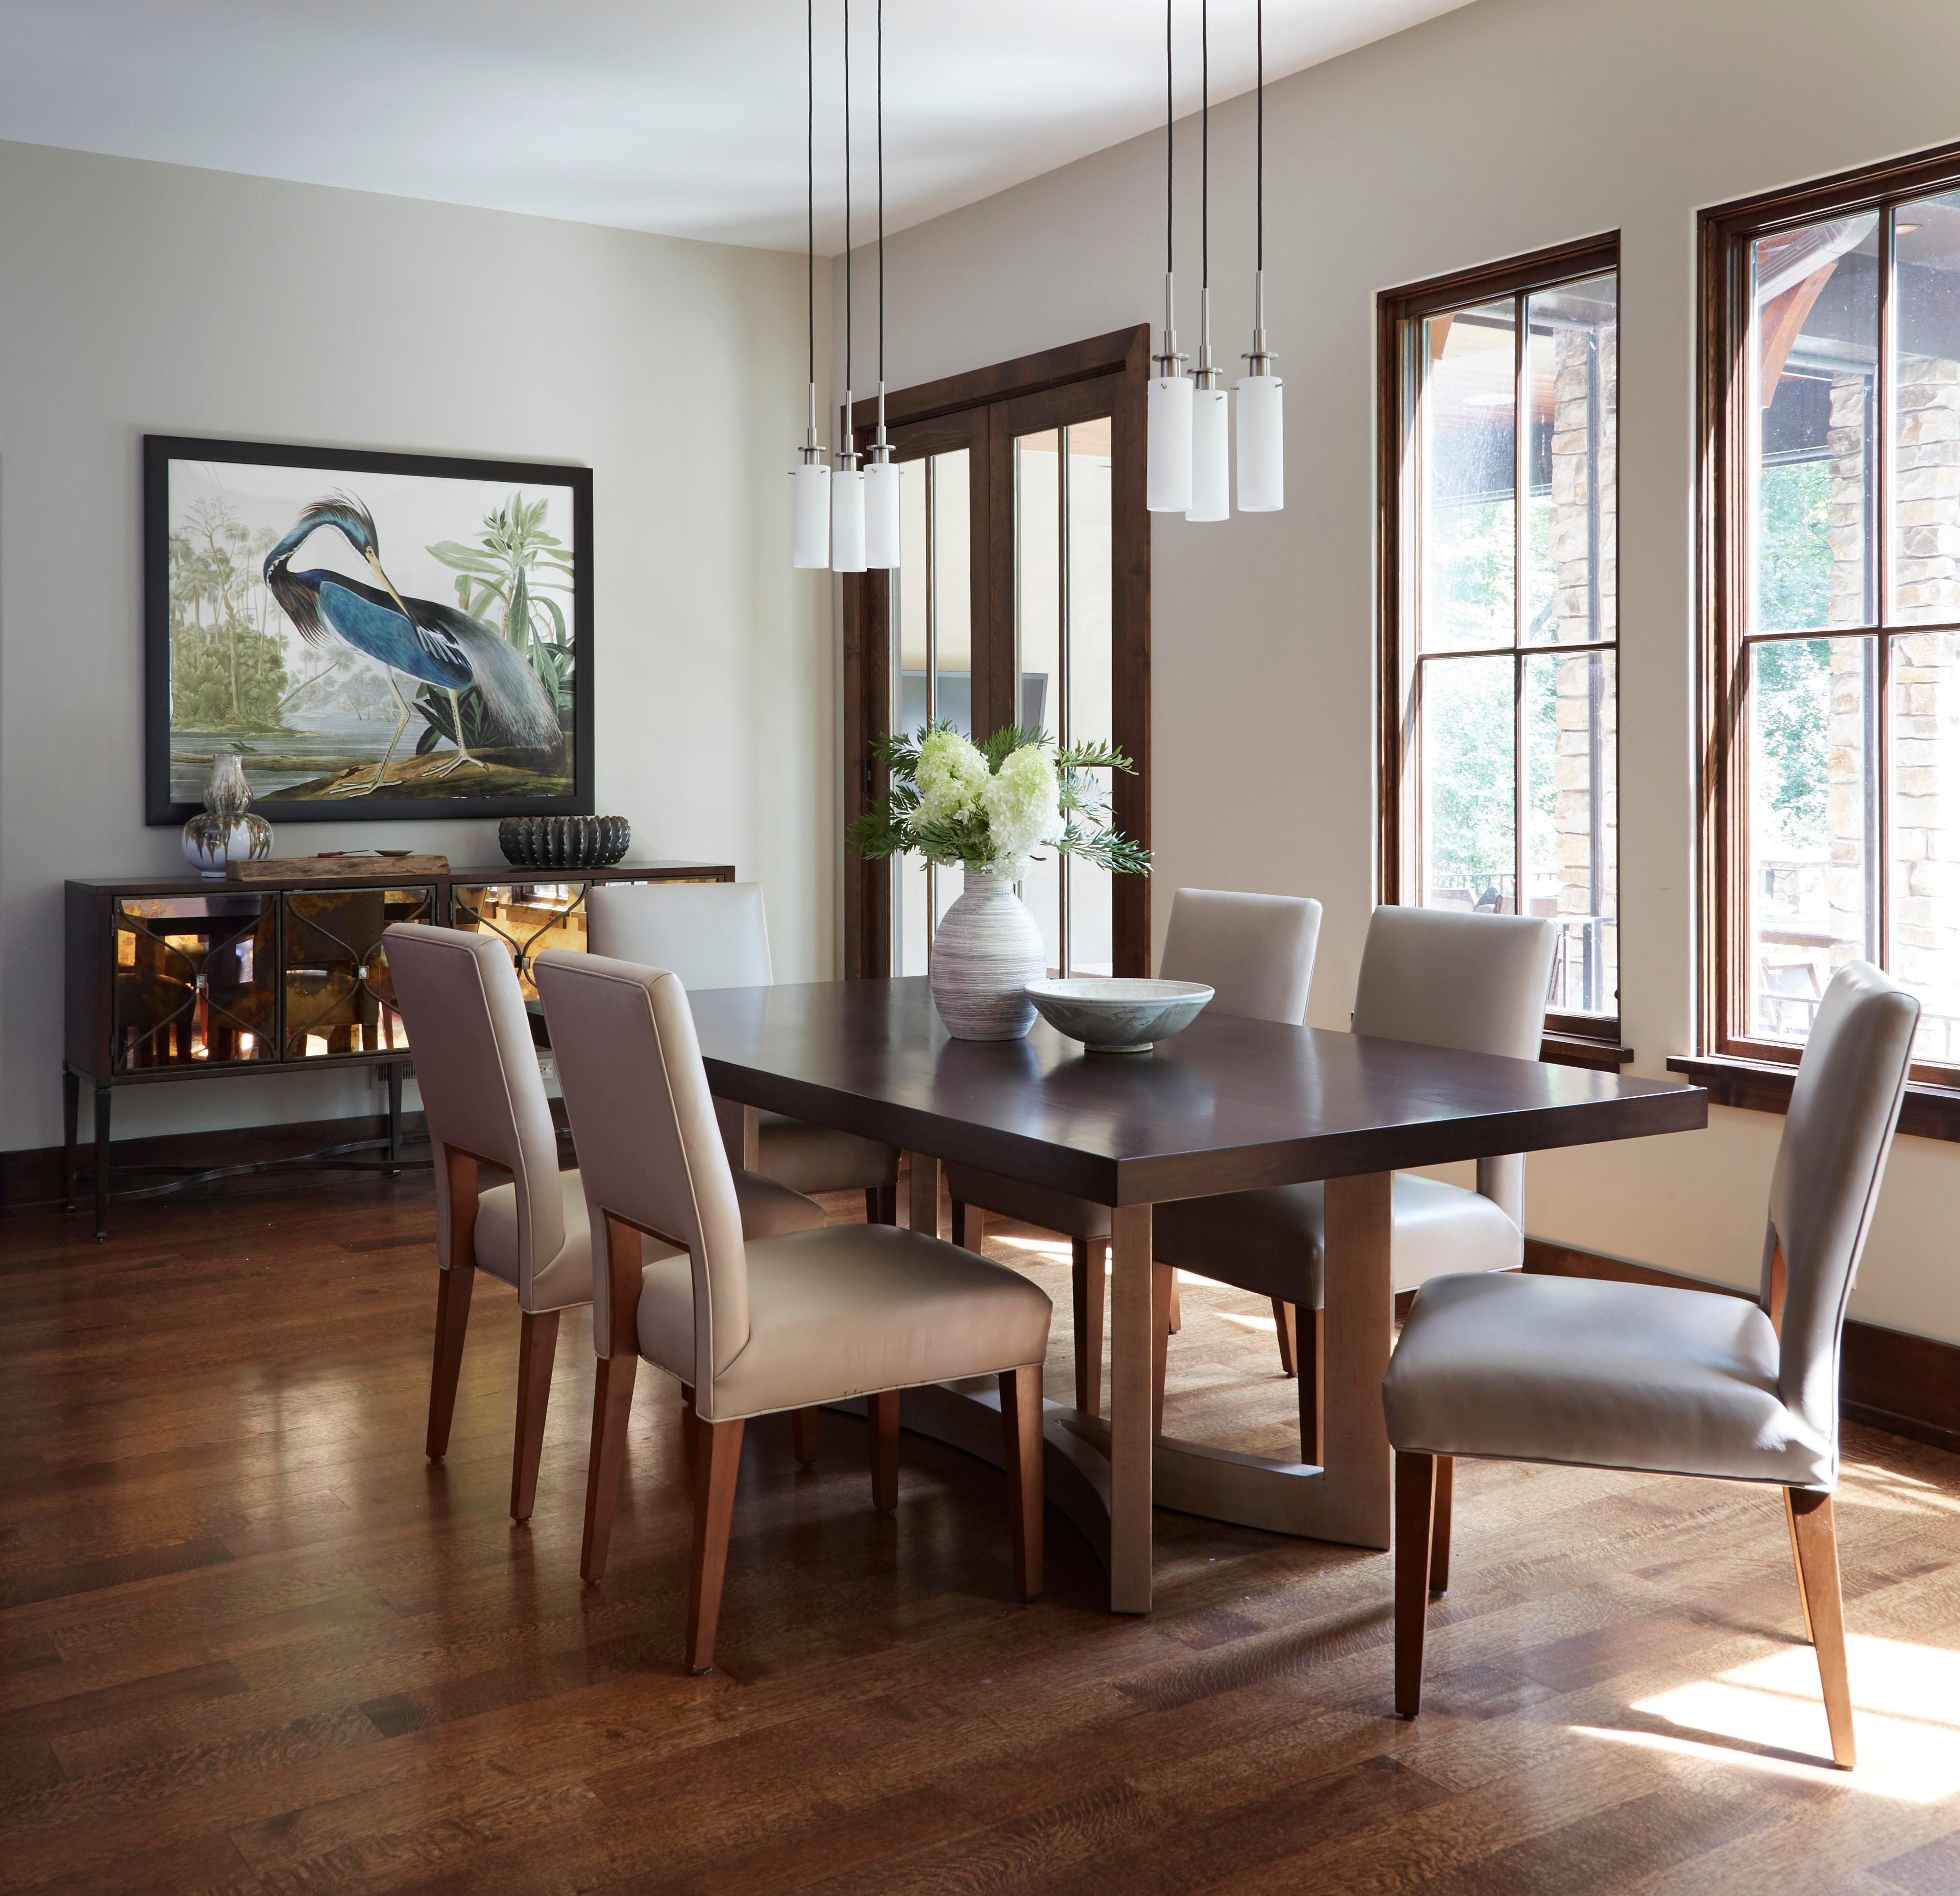 Lovely Mountain Inspired Home Design   Dining